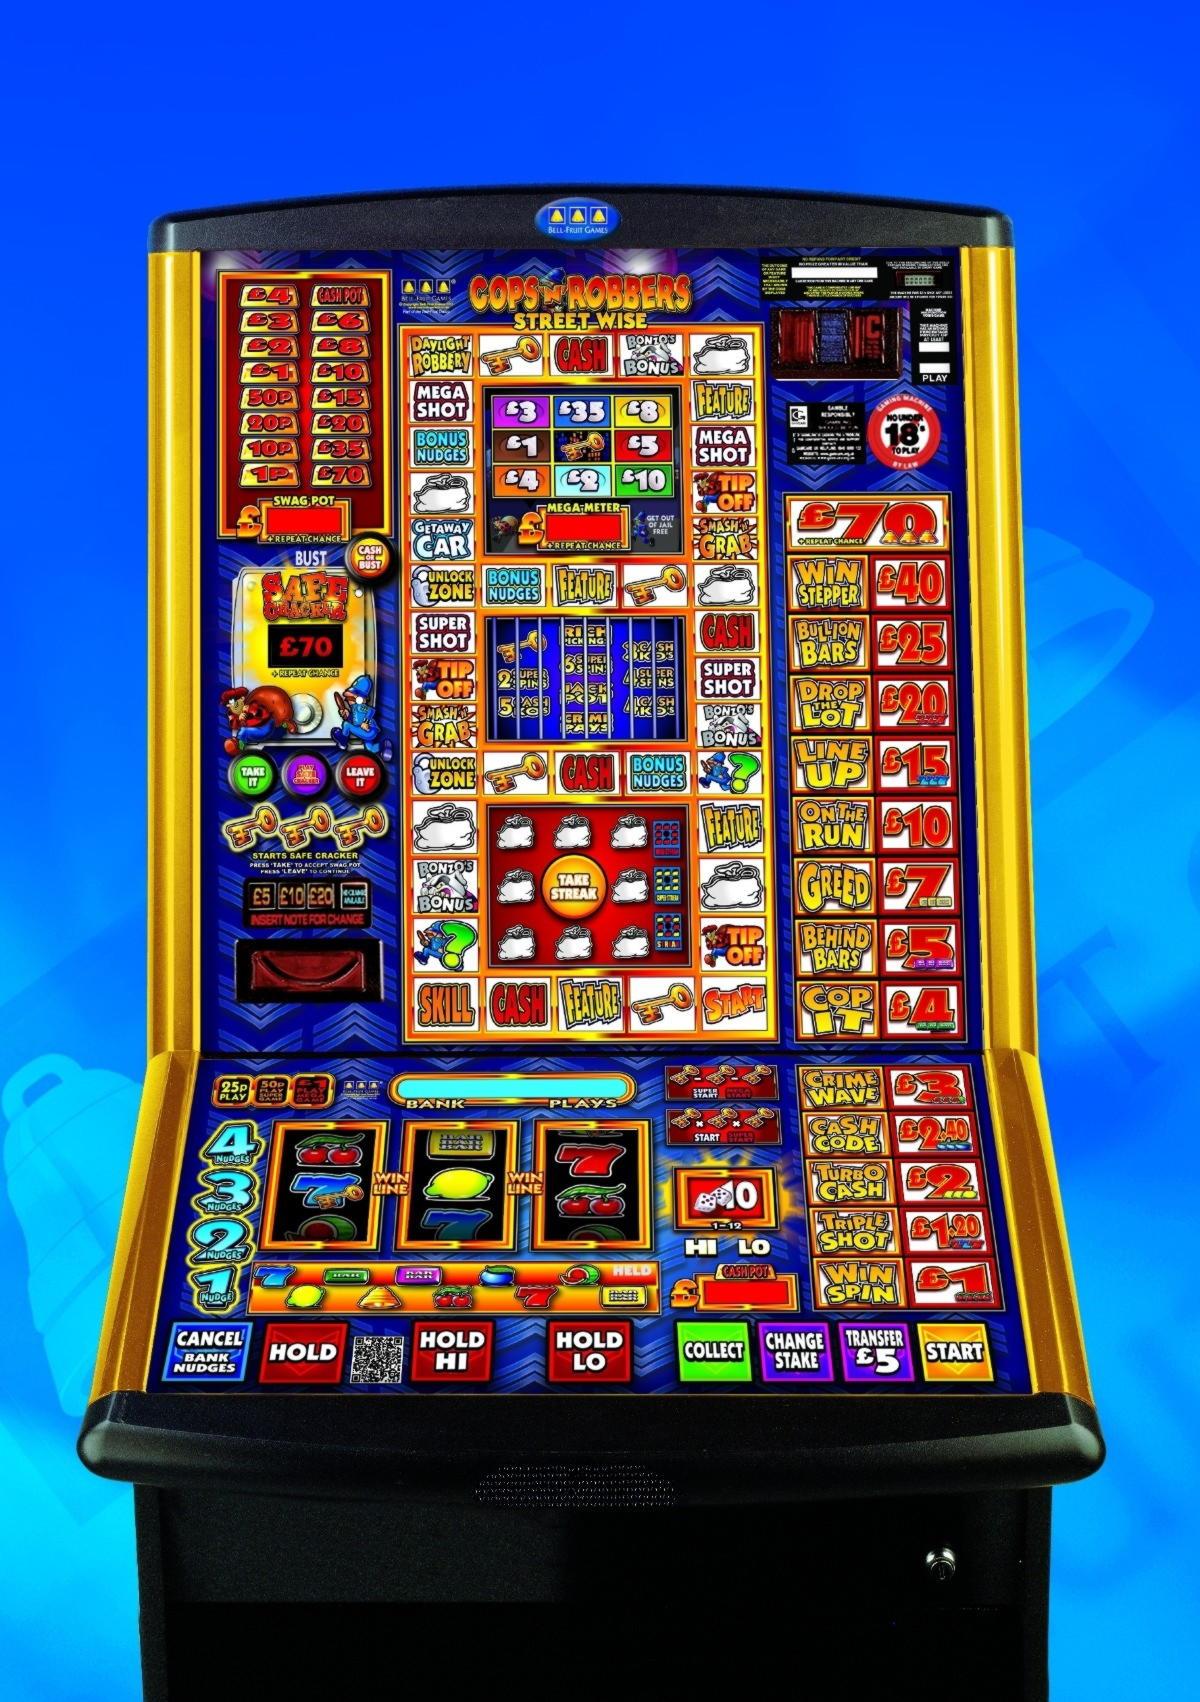 35 Bezplatne točí kasíno v kasíne 888